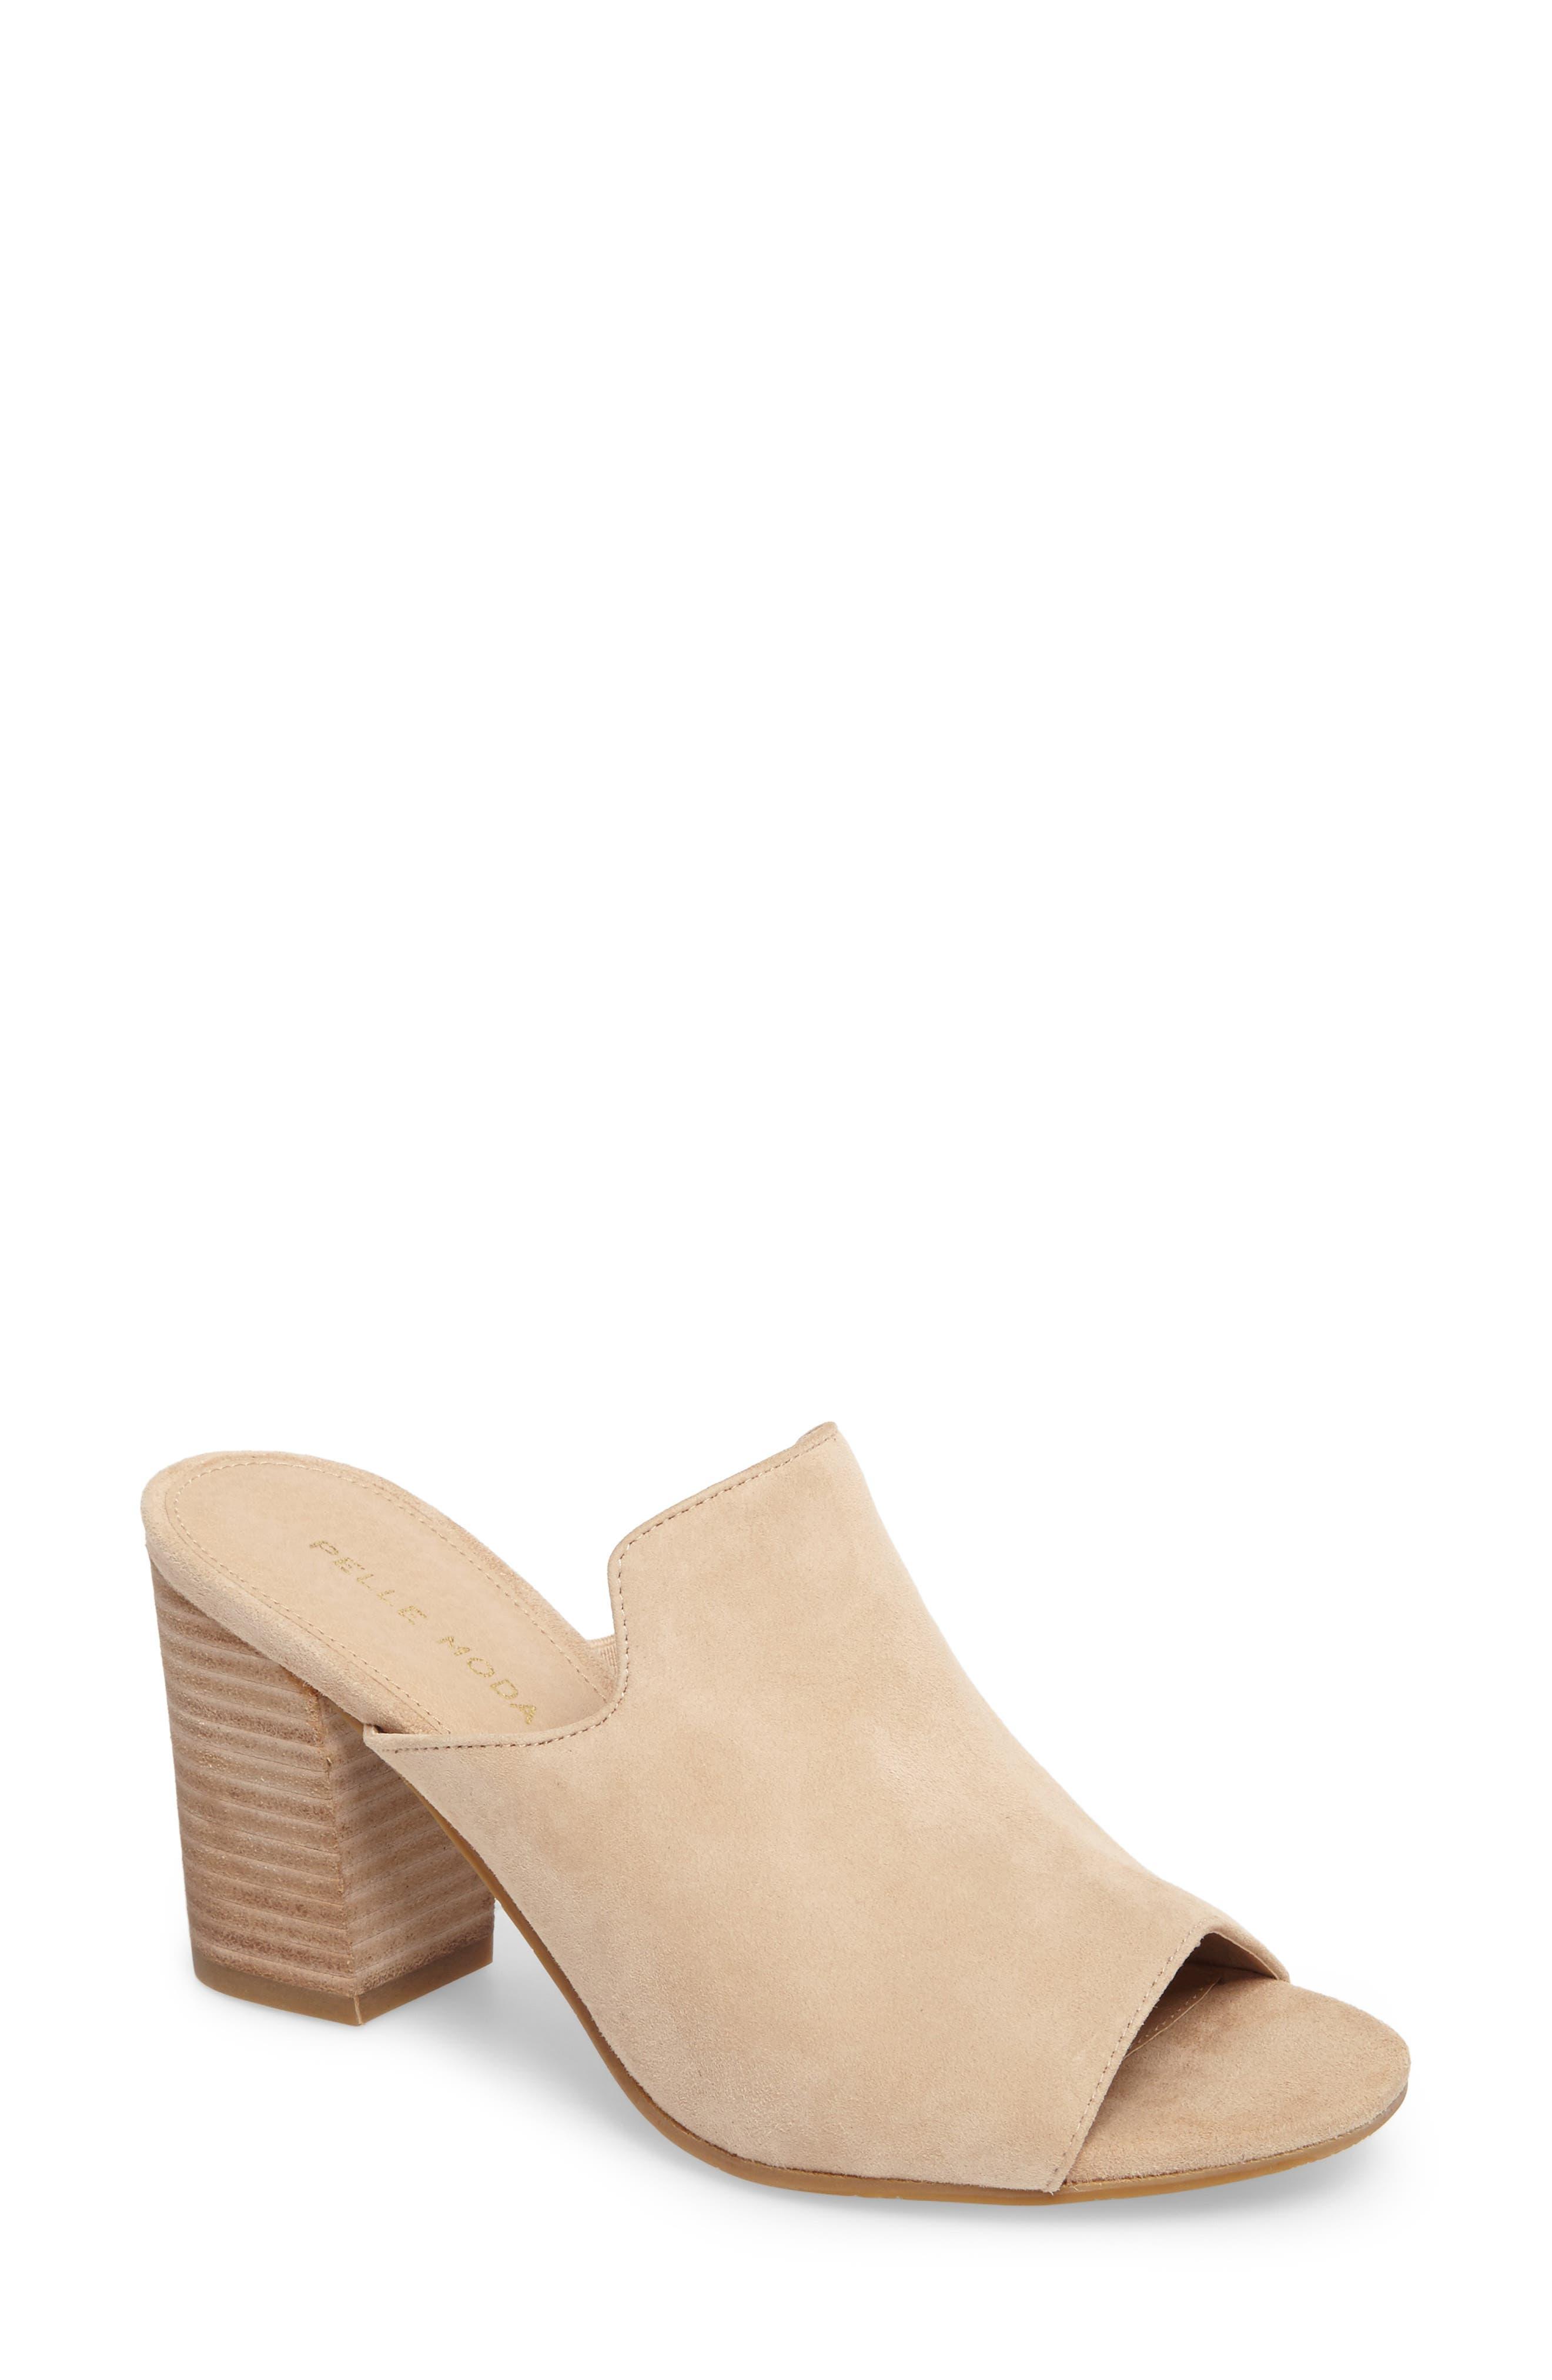 Main Image - Pelle Moda Blair Peep Toe Mule (Women)